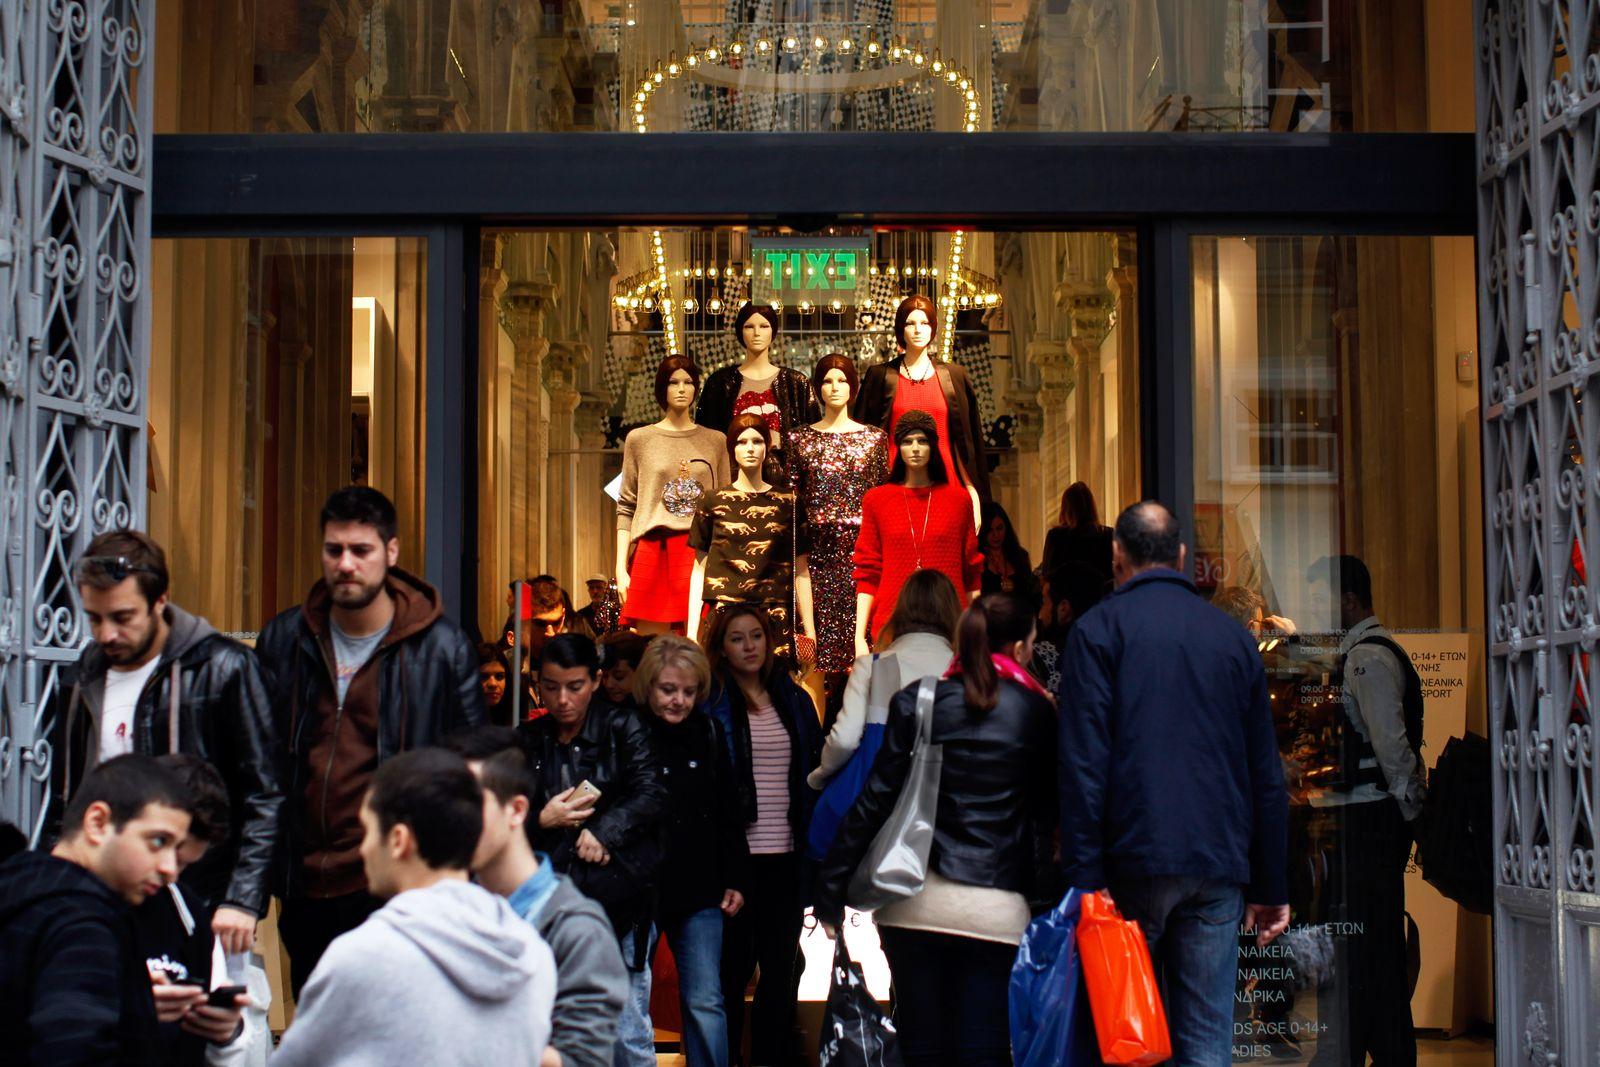 Griechenland / Finanzkrise / Konjunktur / Konsum / Shopping